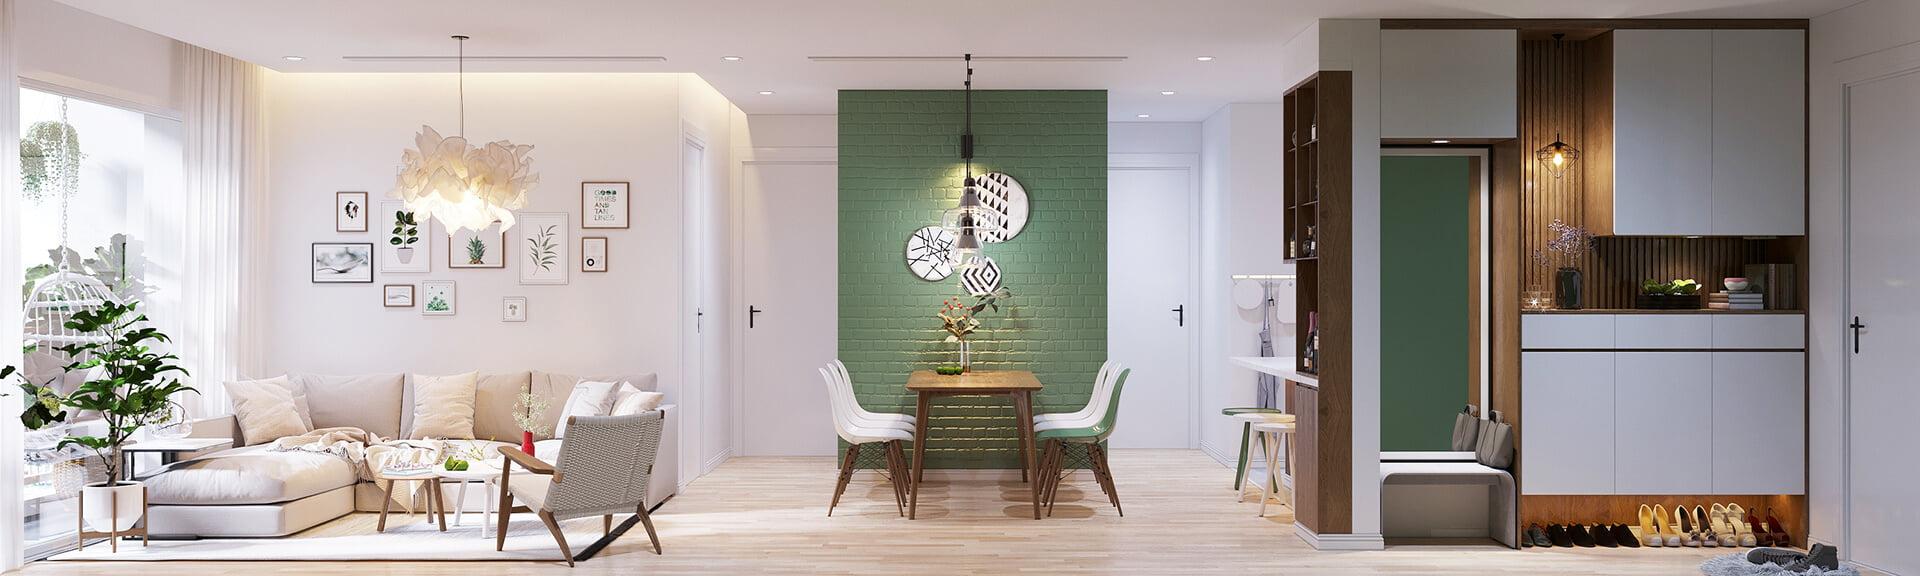 thiết kế nội thất căn hộ chung cư 70m2 3